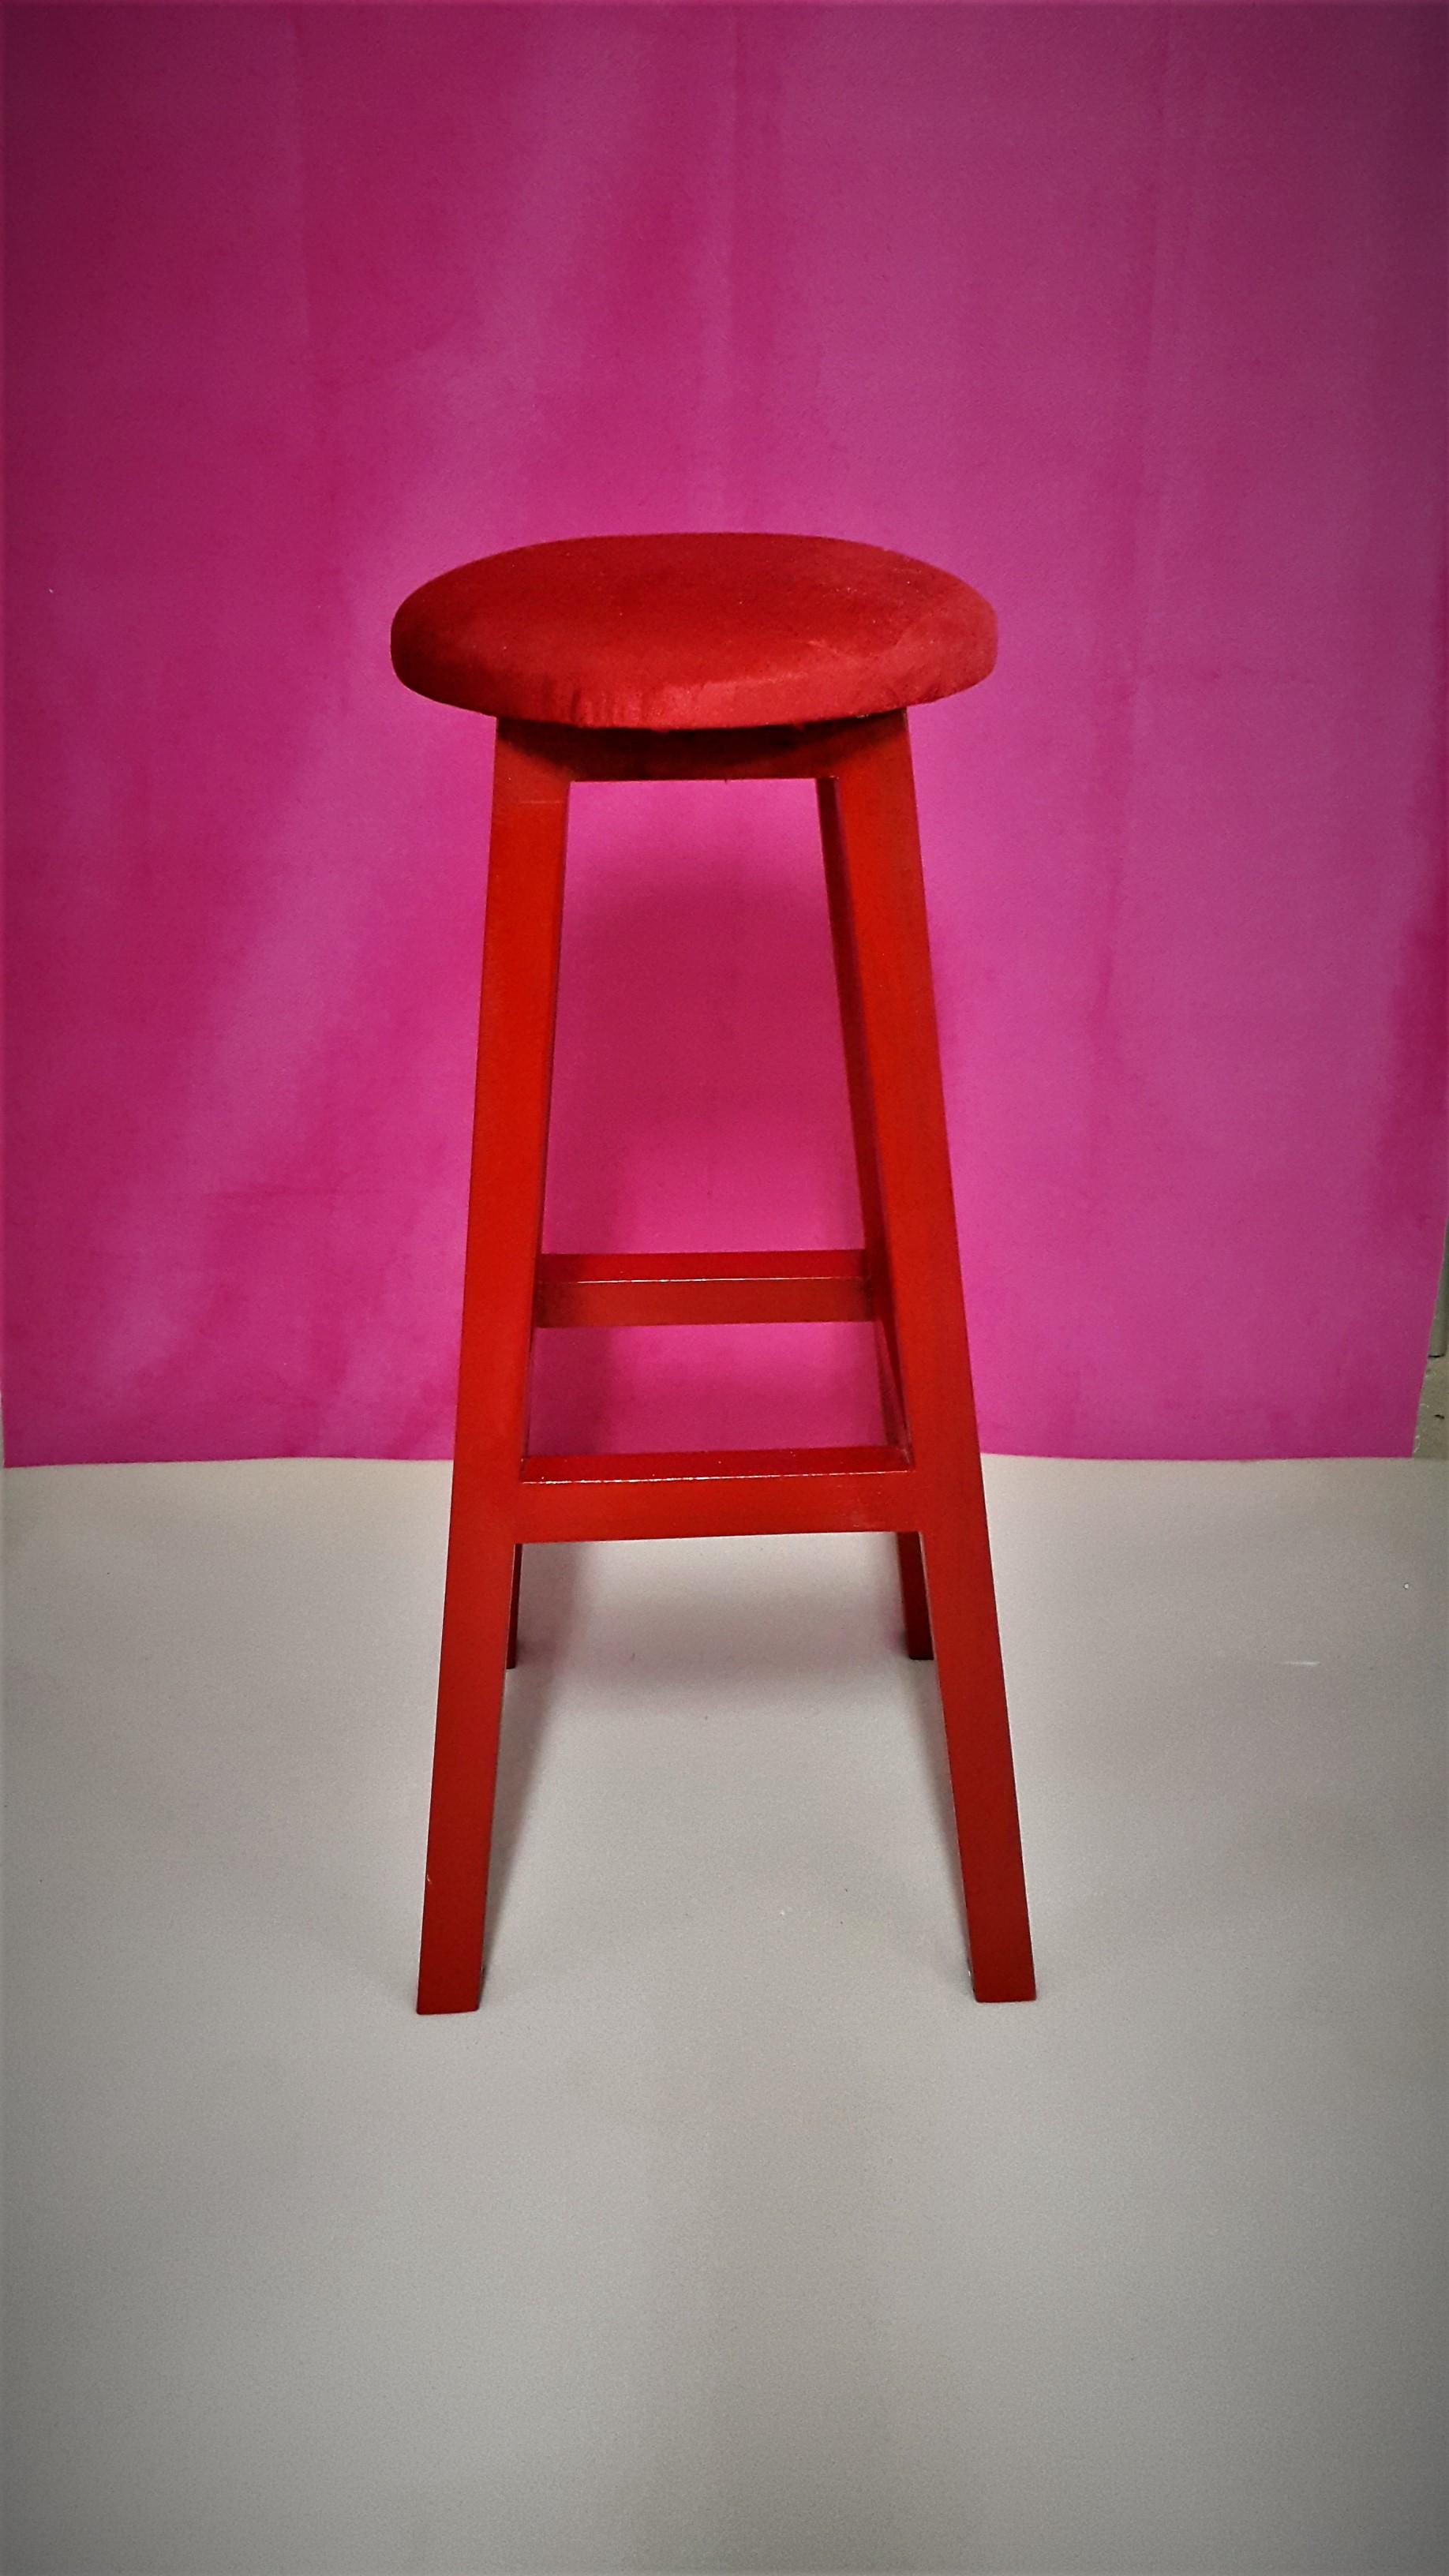 kırmızı tabure imalattan